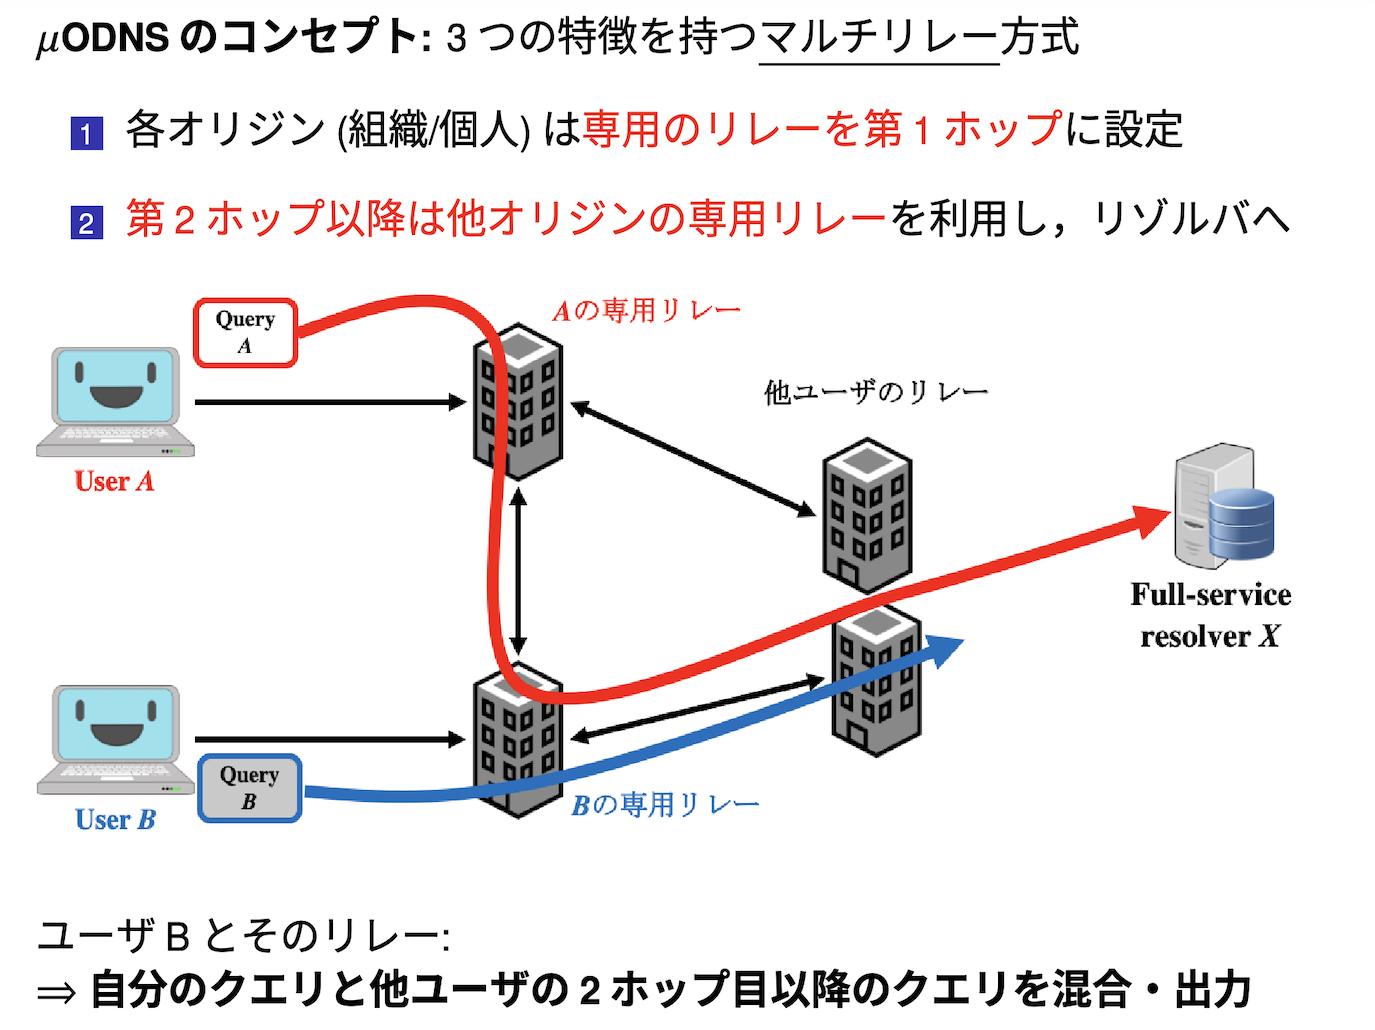 51 結託耐性を有した匿名DNS「μODNS」の開発 ~インターネット基盤のプライバシ保護技術~